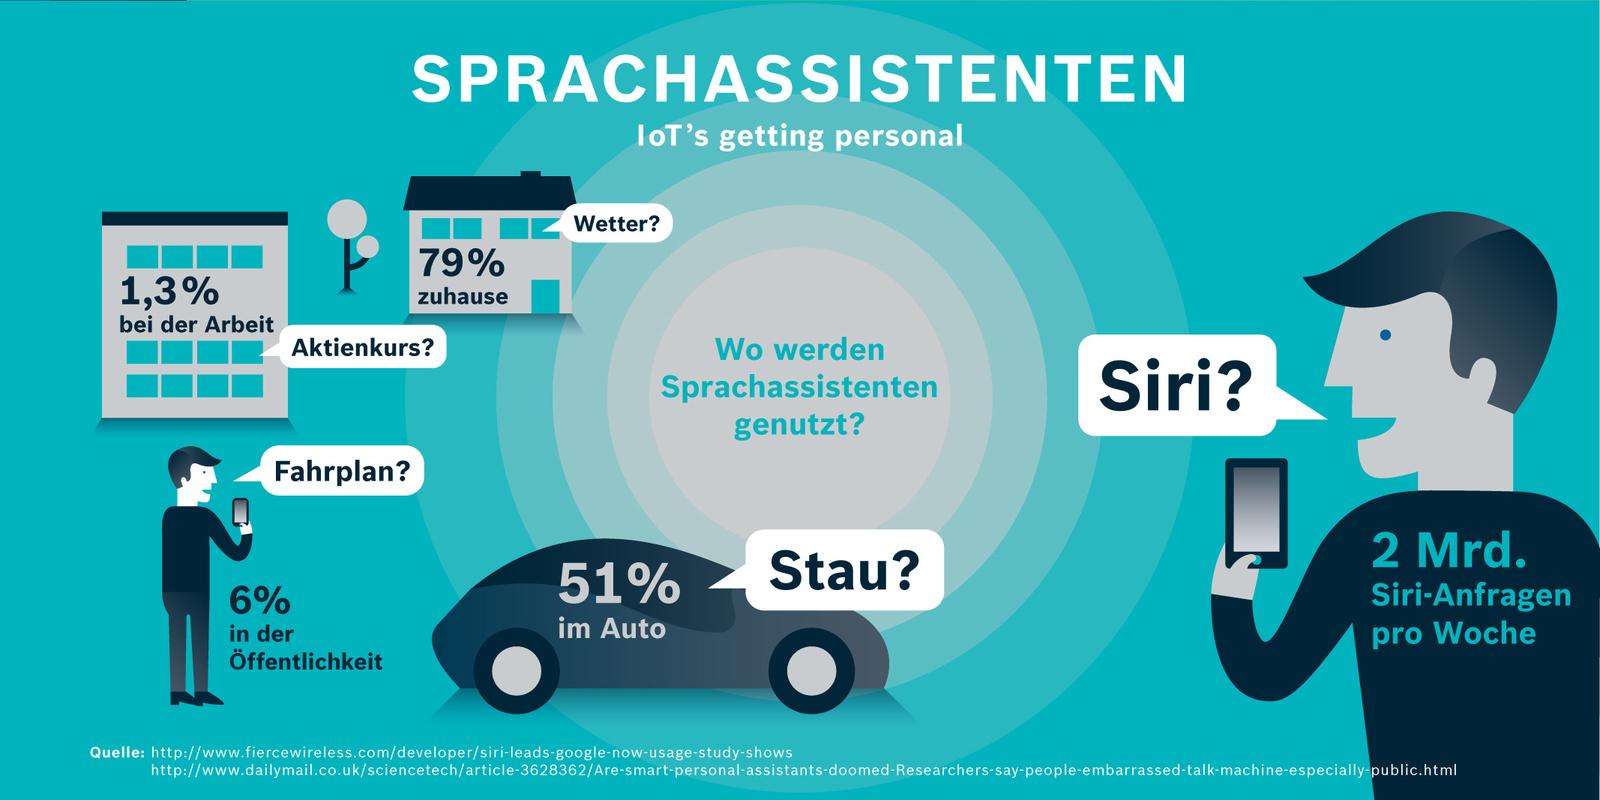 Wo werden Sprachassistenten genutzt?